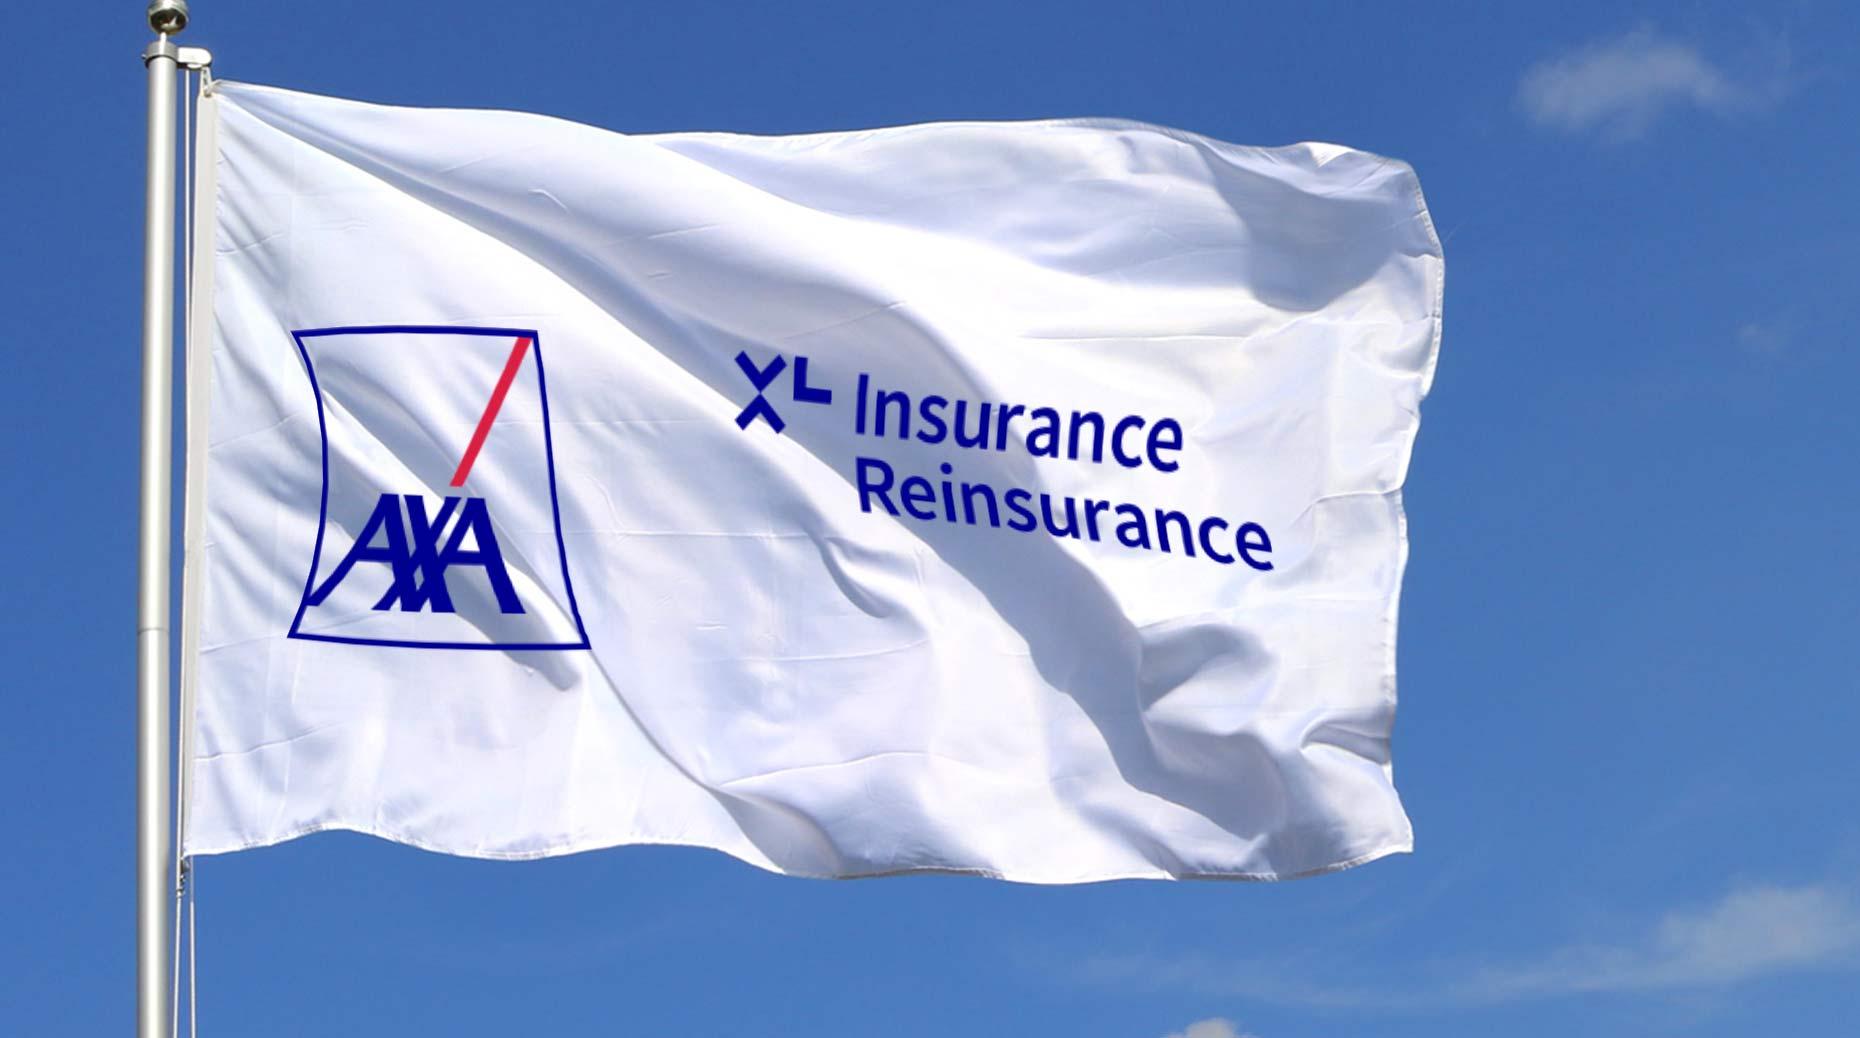 Grands risques : Axa XL finalise la fusion de ses entités